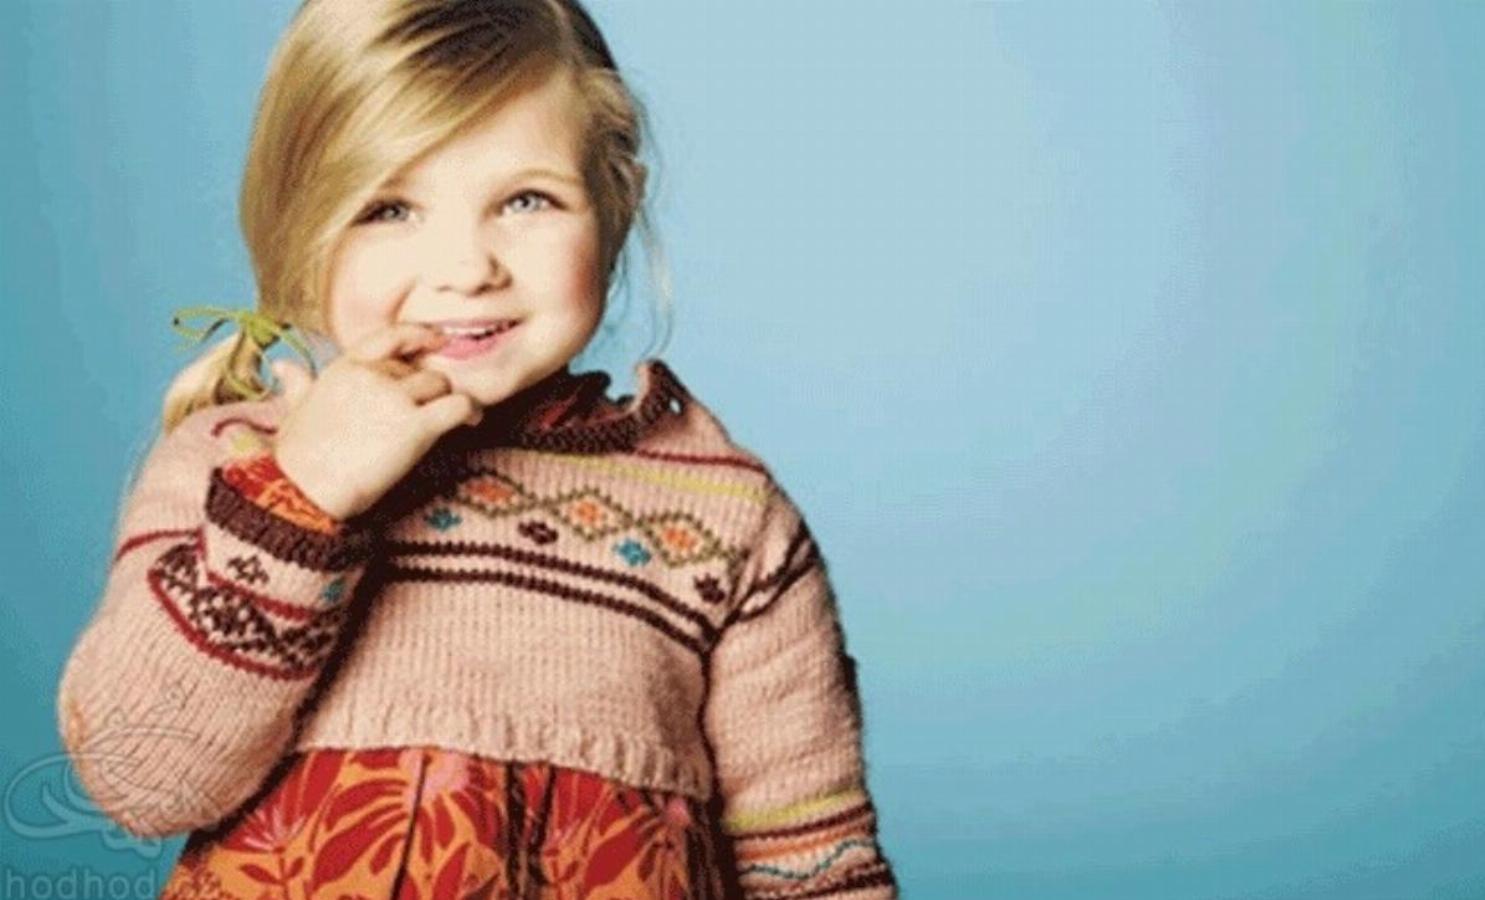 نگاهی نو: علت و روش های درمان ناخن جویدن در کودکان